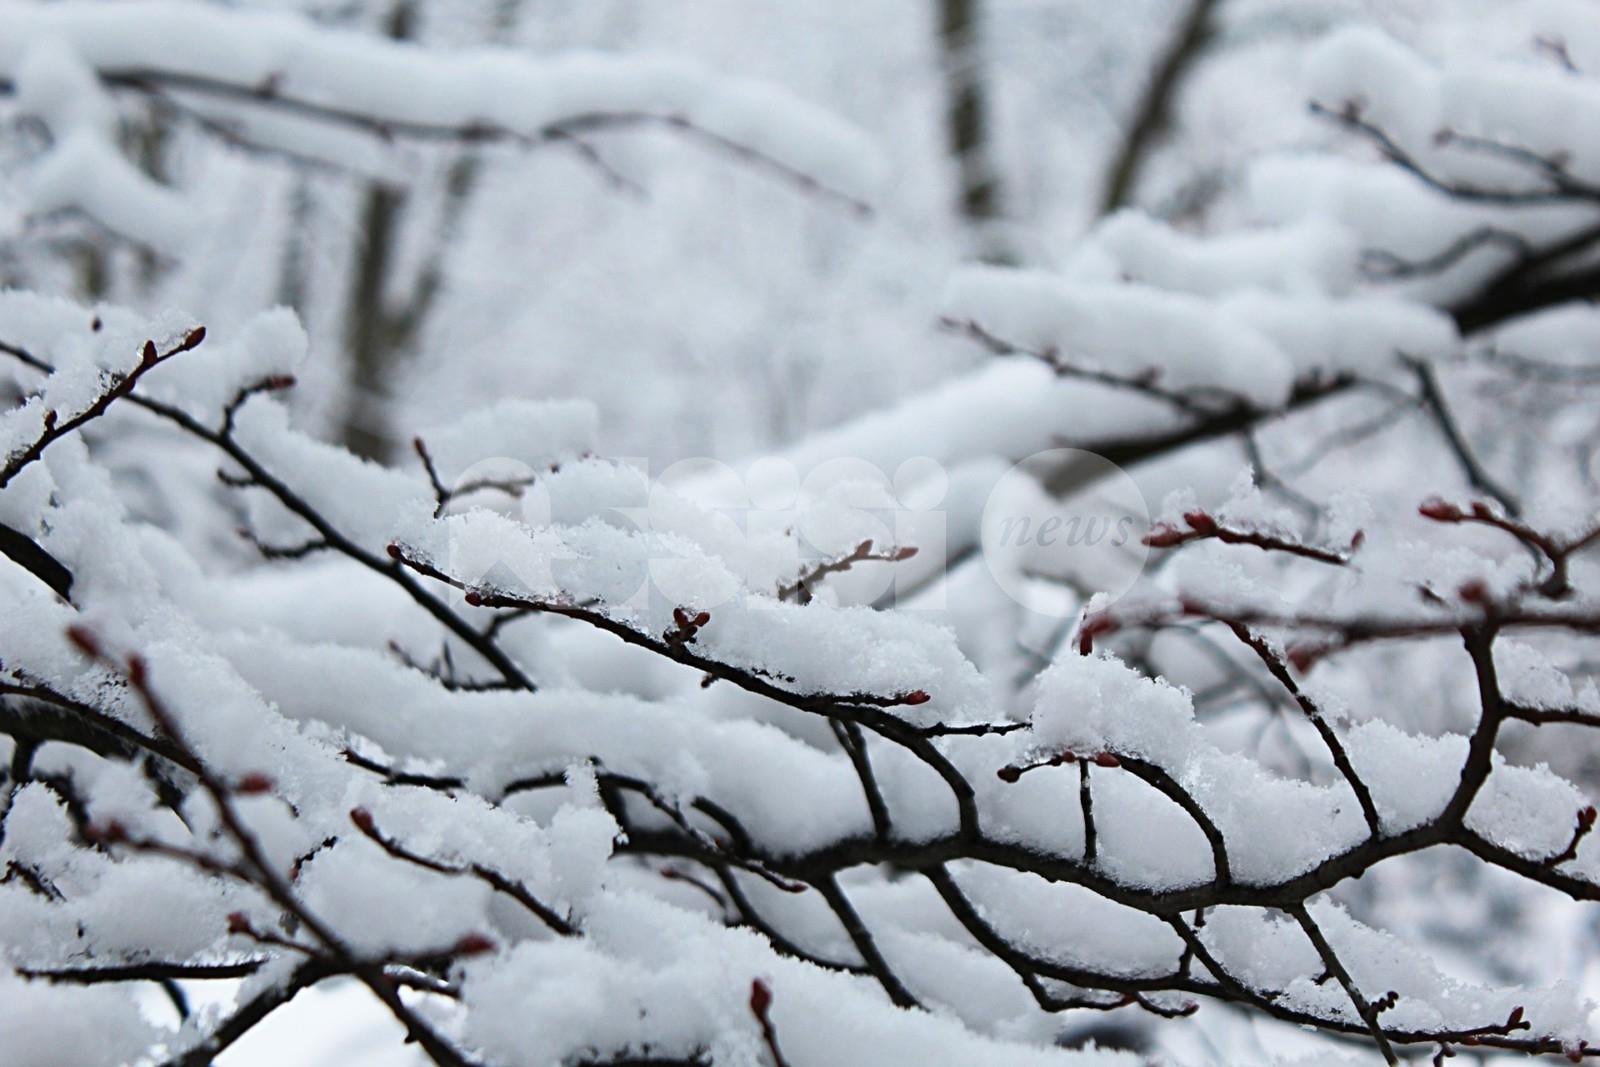 Meteo Capodanno 2021: potrebbe essere un inverno storico per freddo e neve